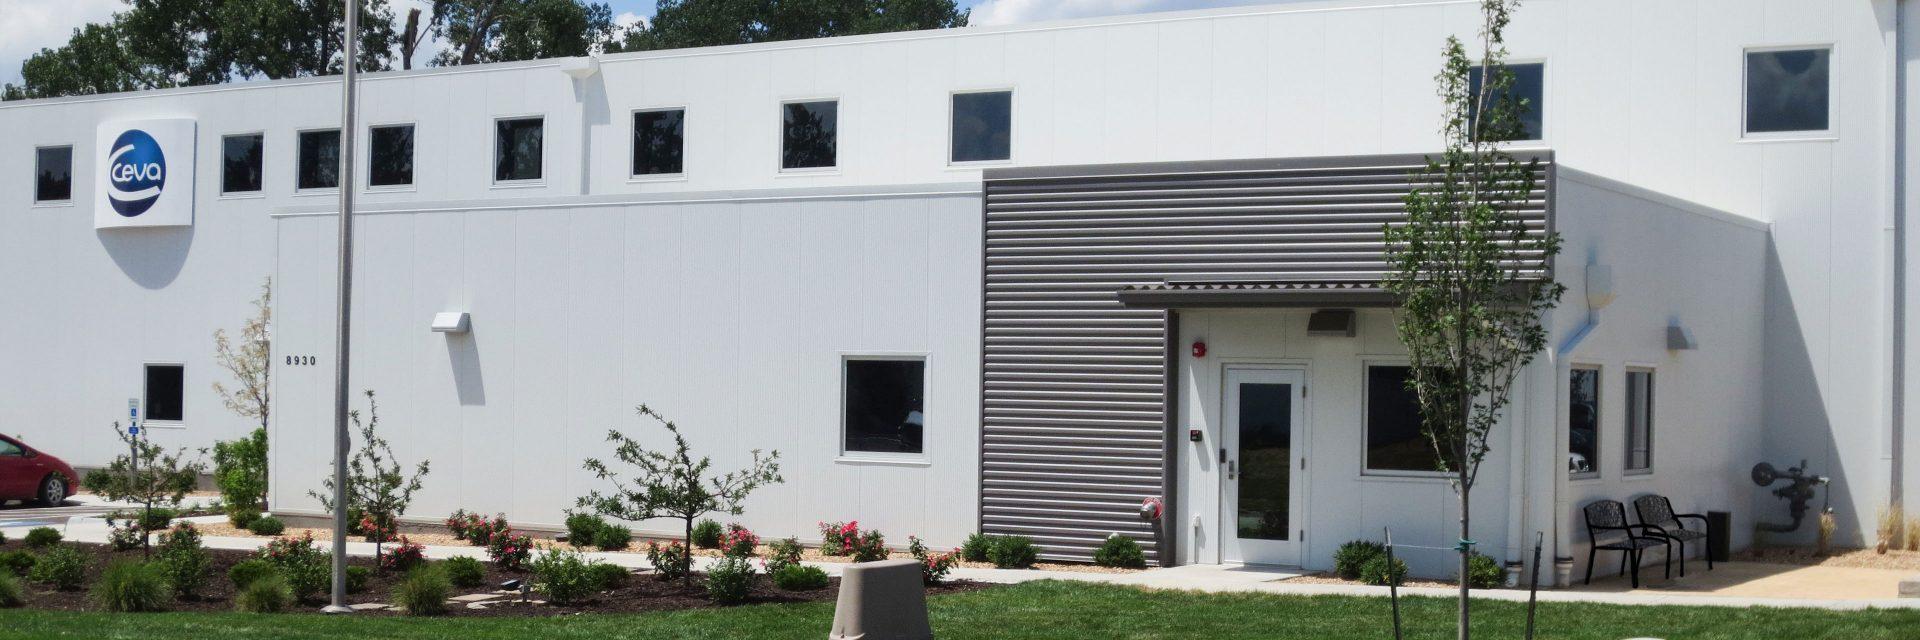 R&D Lab Renovation Design + Construction